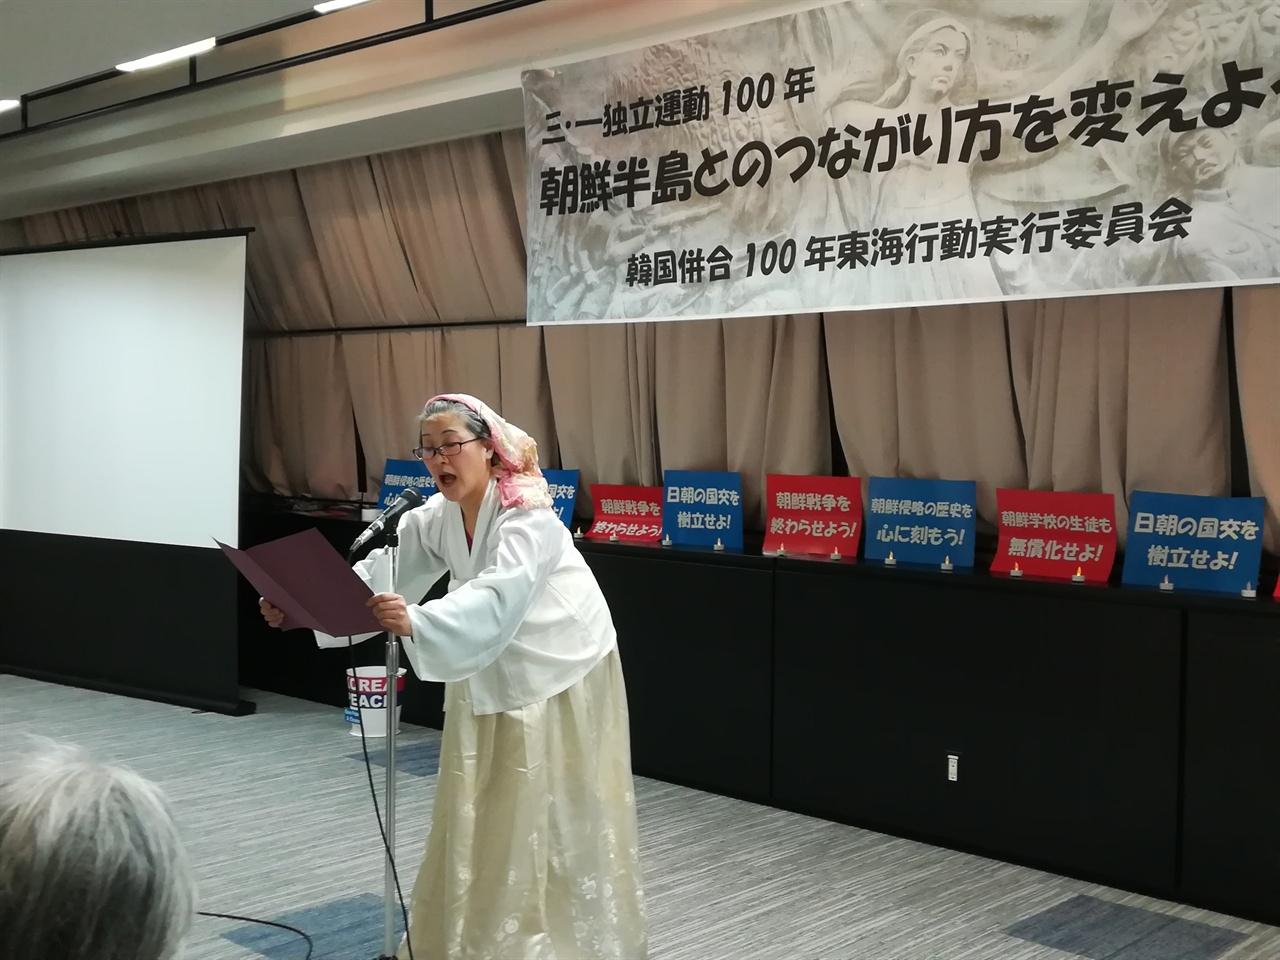 3.1운동 100주년 기념 행사 재일동포 1세의 이야기를 담은 1인극